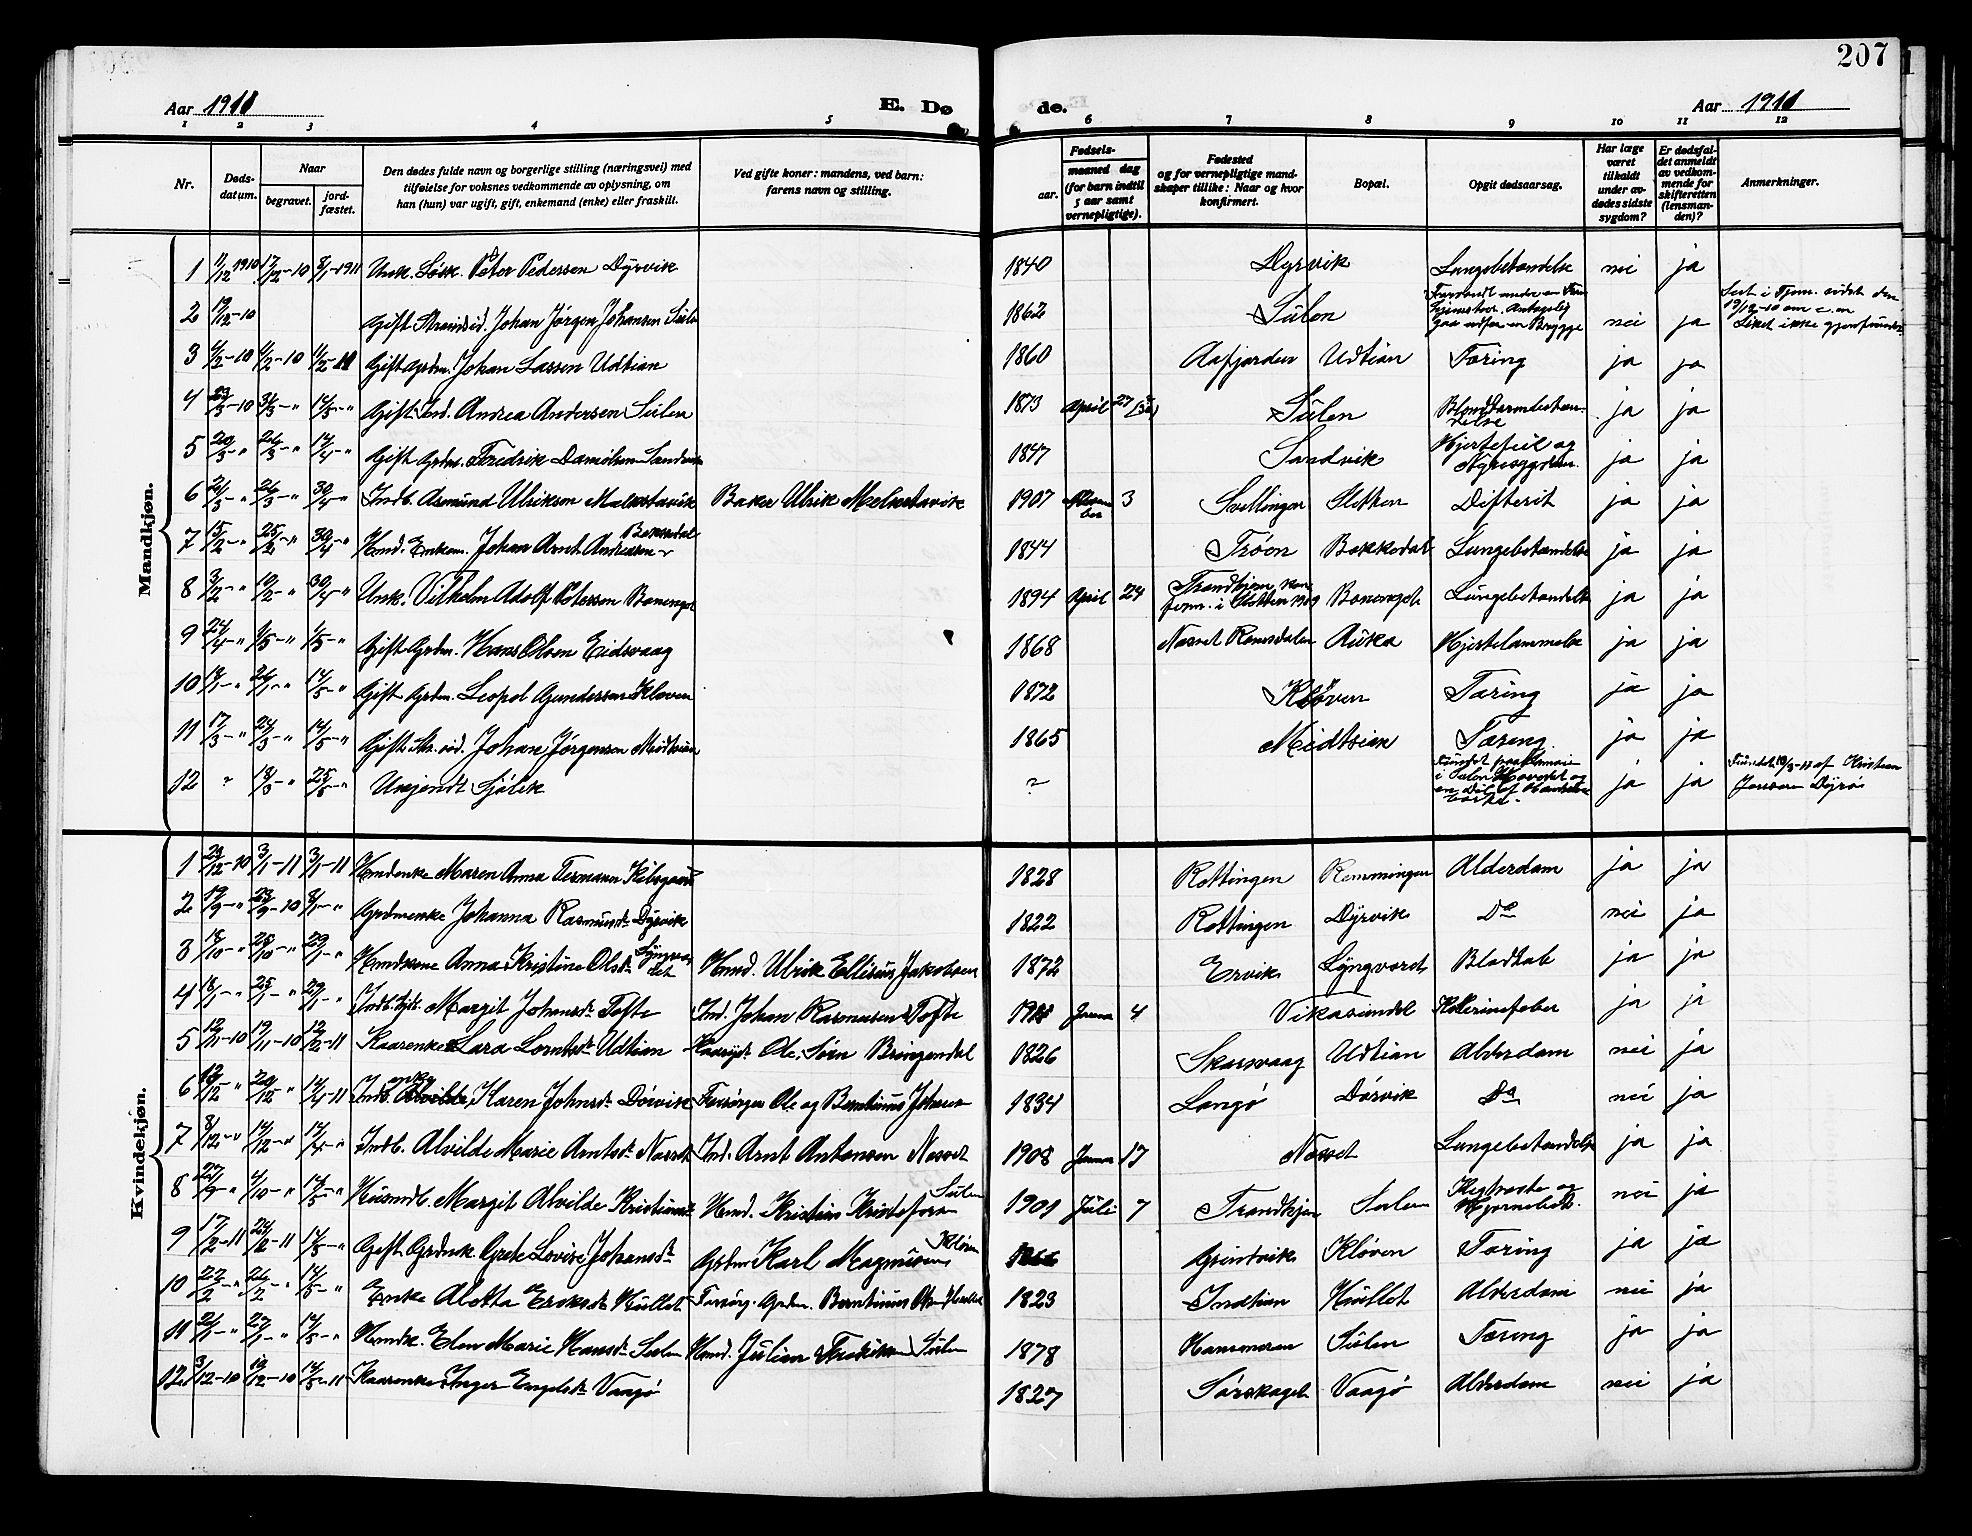 SAT, Ministerialprotokoller, klokkerbøker og fødselsregistre - Sør-Trøndelag, 640/L0588: Klokkerbok nr. 640C05, 1909-1922, s. 207